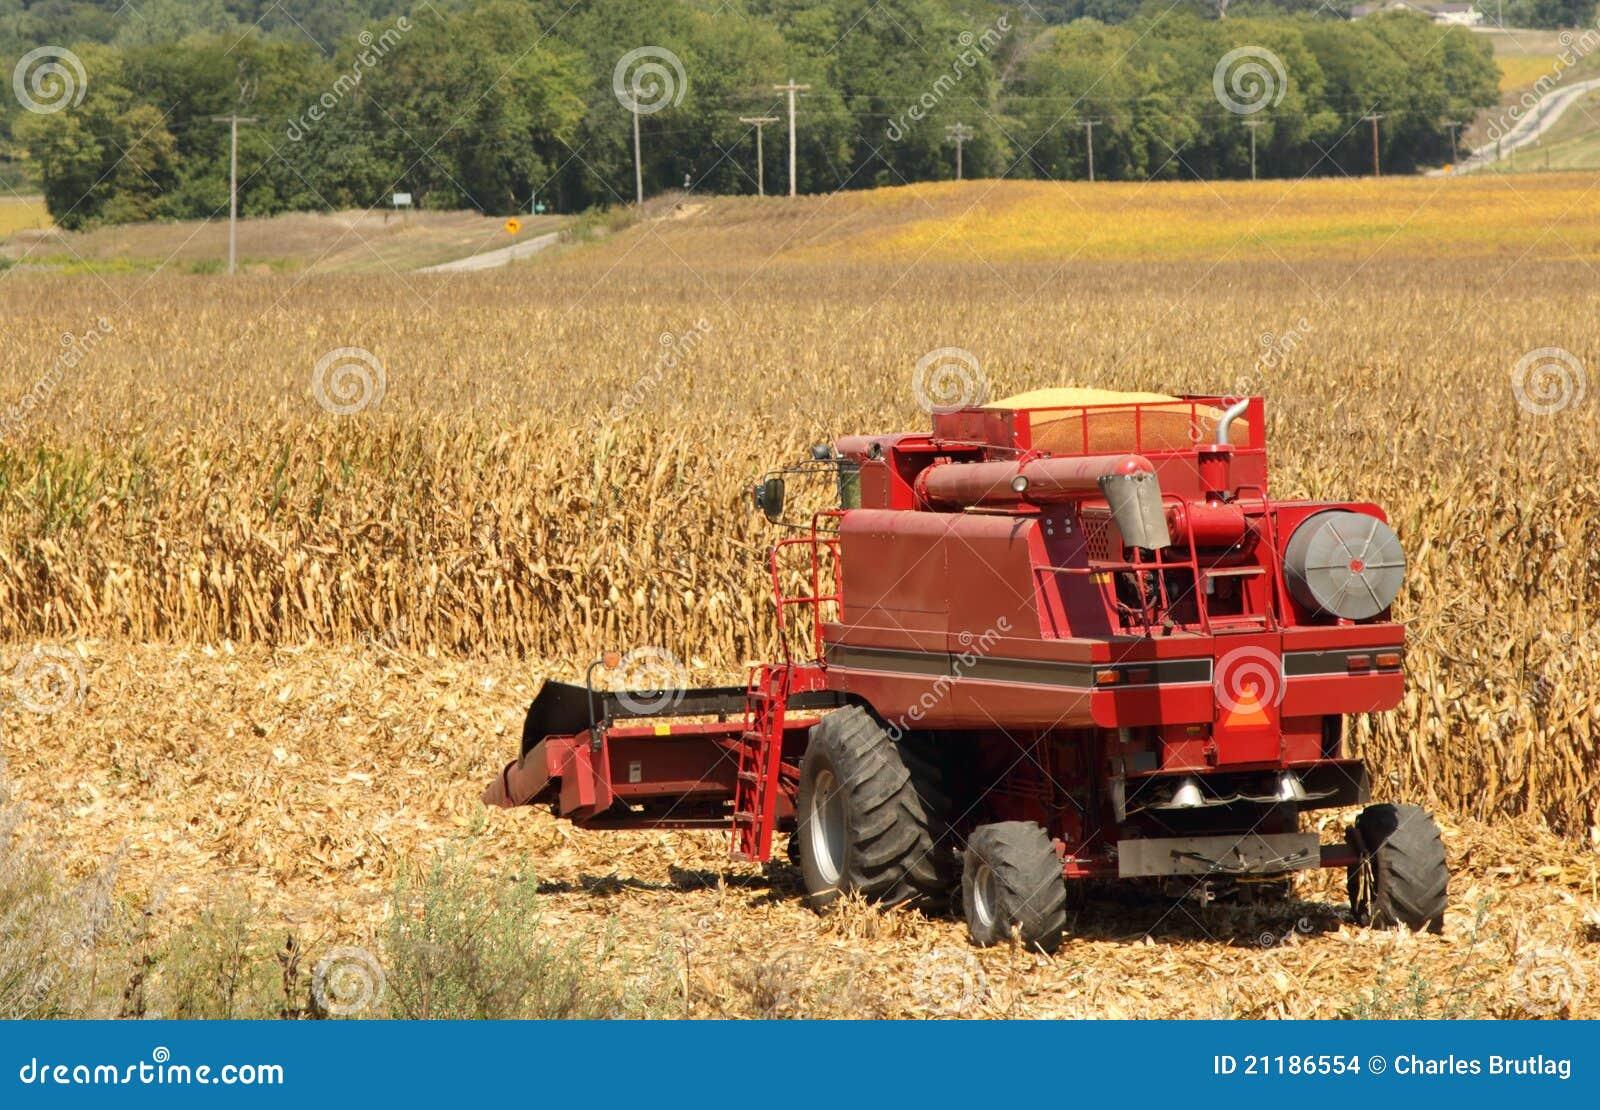 Corn Picking